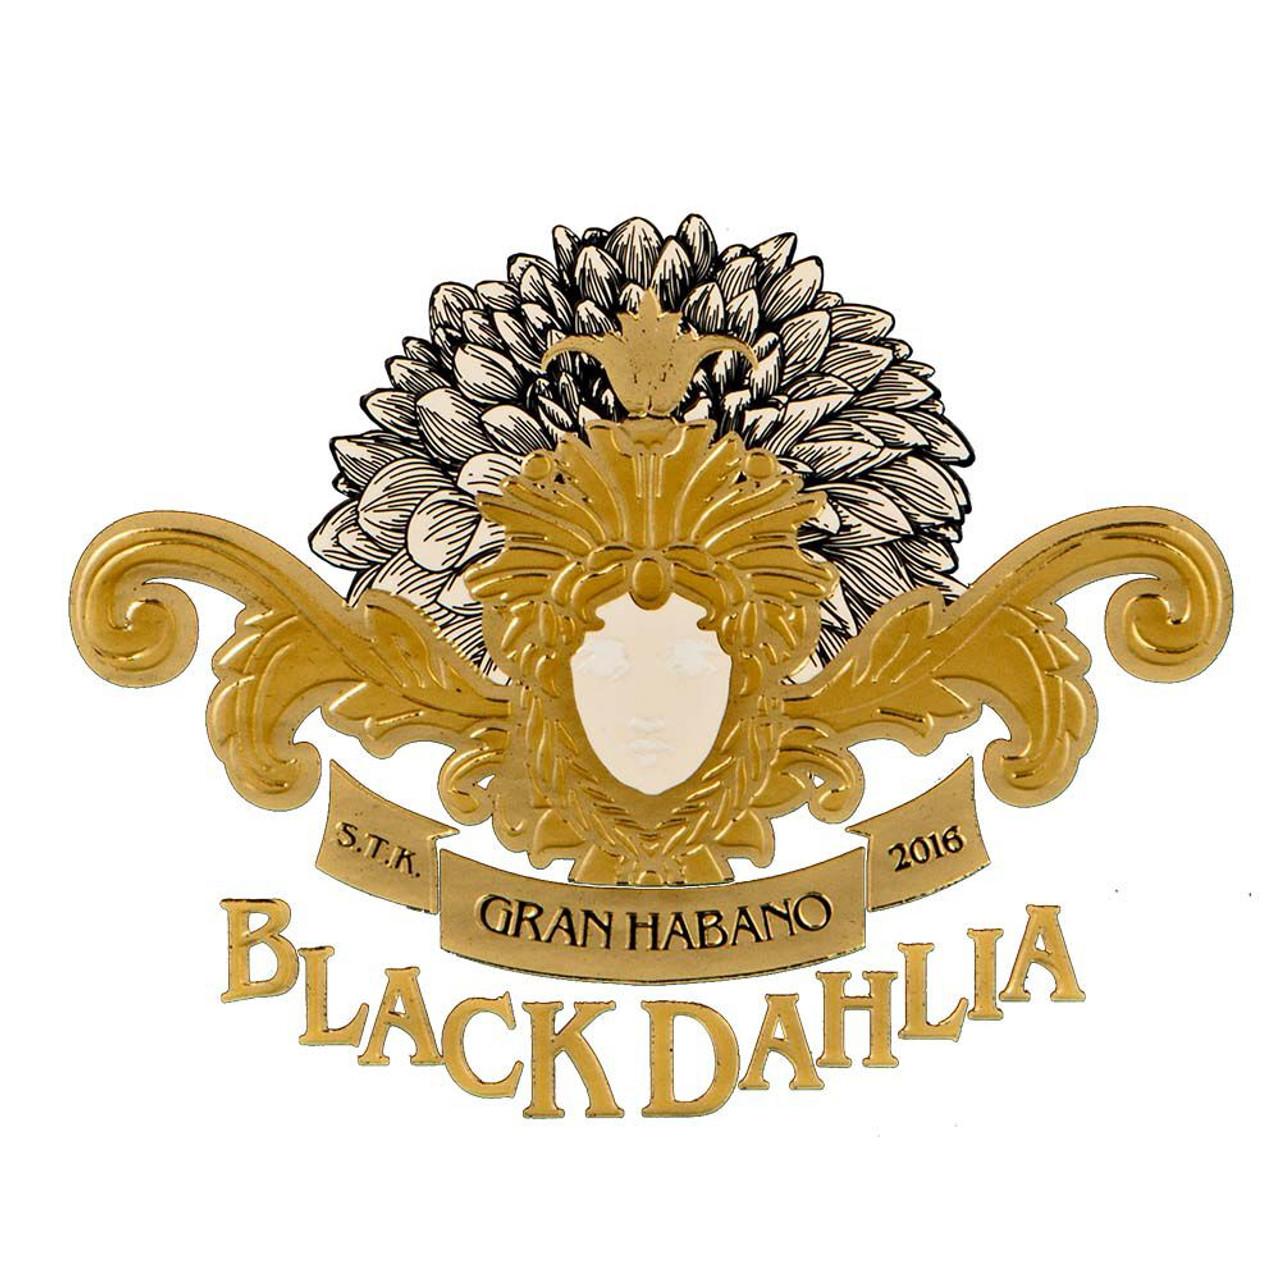 Black Dahlia by George Rico Robusto Cigars - 5.0 x 52 (Box of 20)